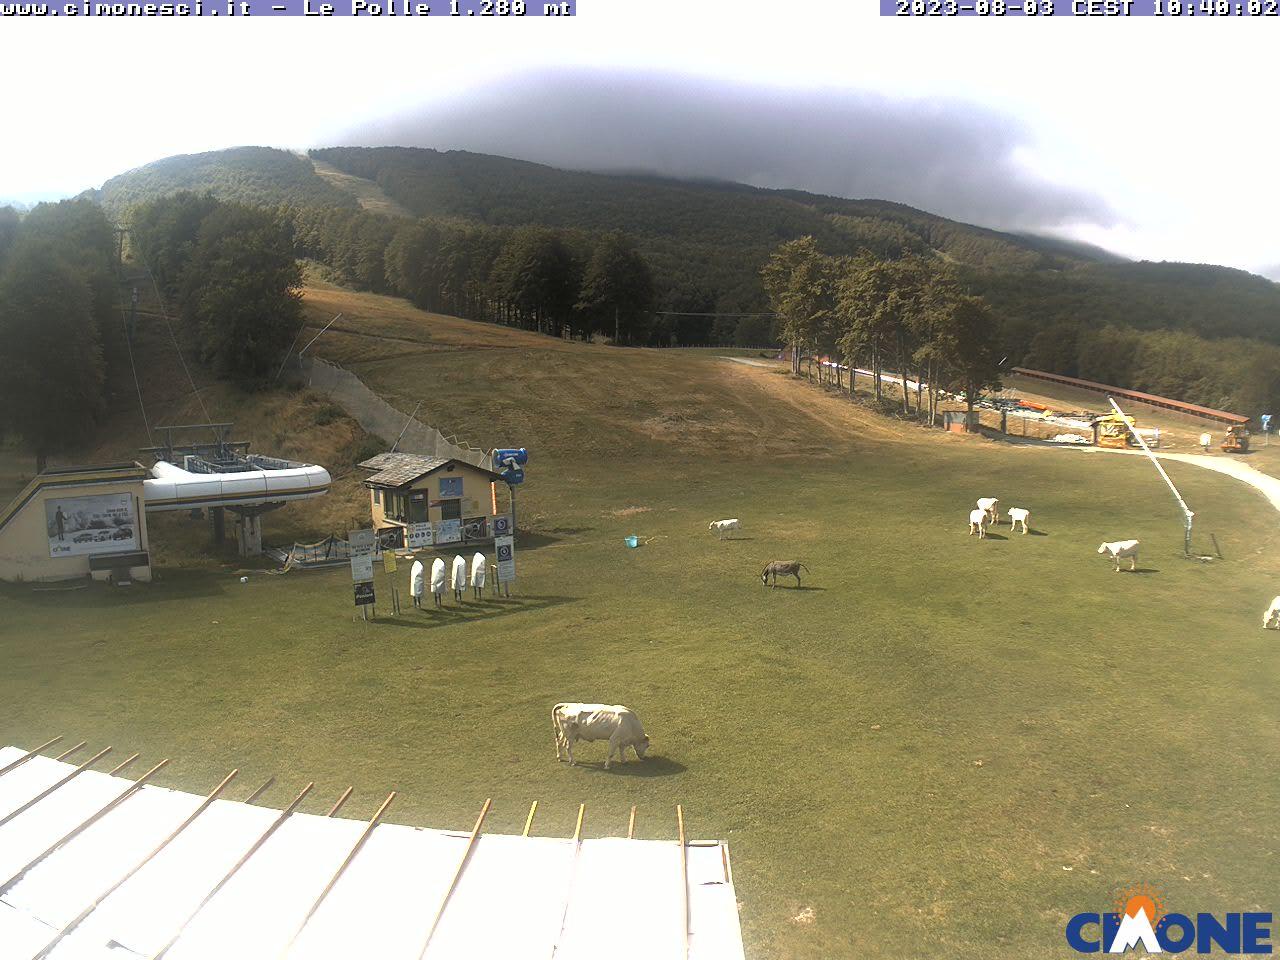 Webcam Cimone (Le Polle) - 1280 m. slm